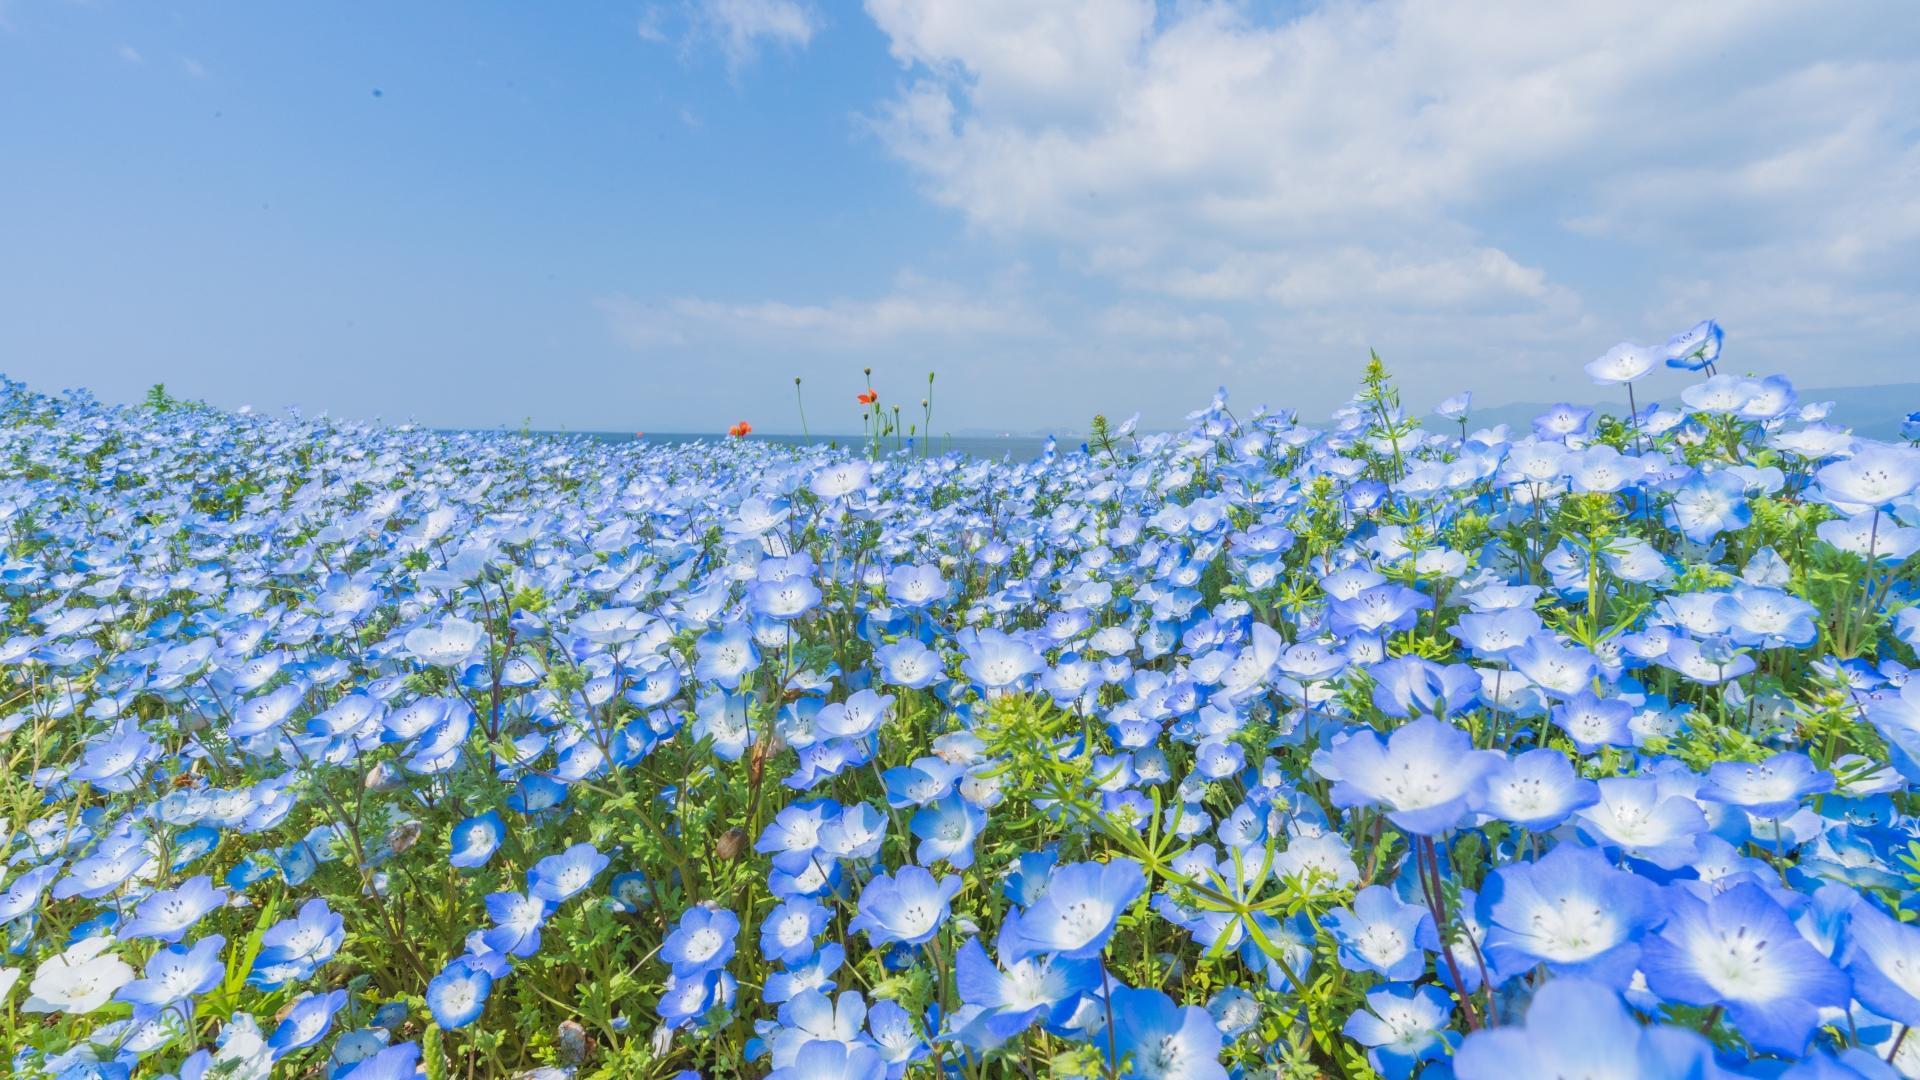 4083013_m 大阪府 大阪まいしまシーサイドパーク(一面に咲くネモフィラと空と海の青の絶景スポット! 写真の紹介、アクセス情報など)